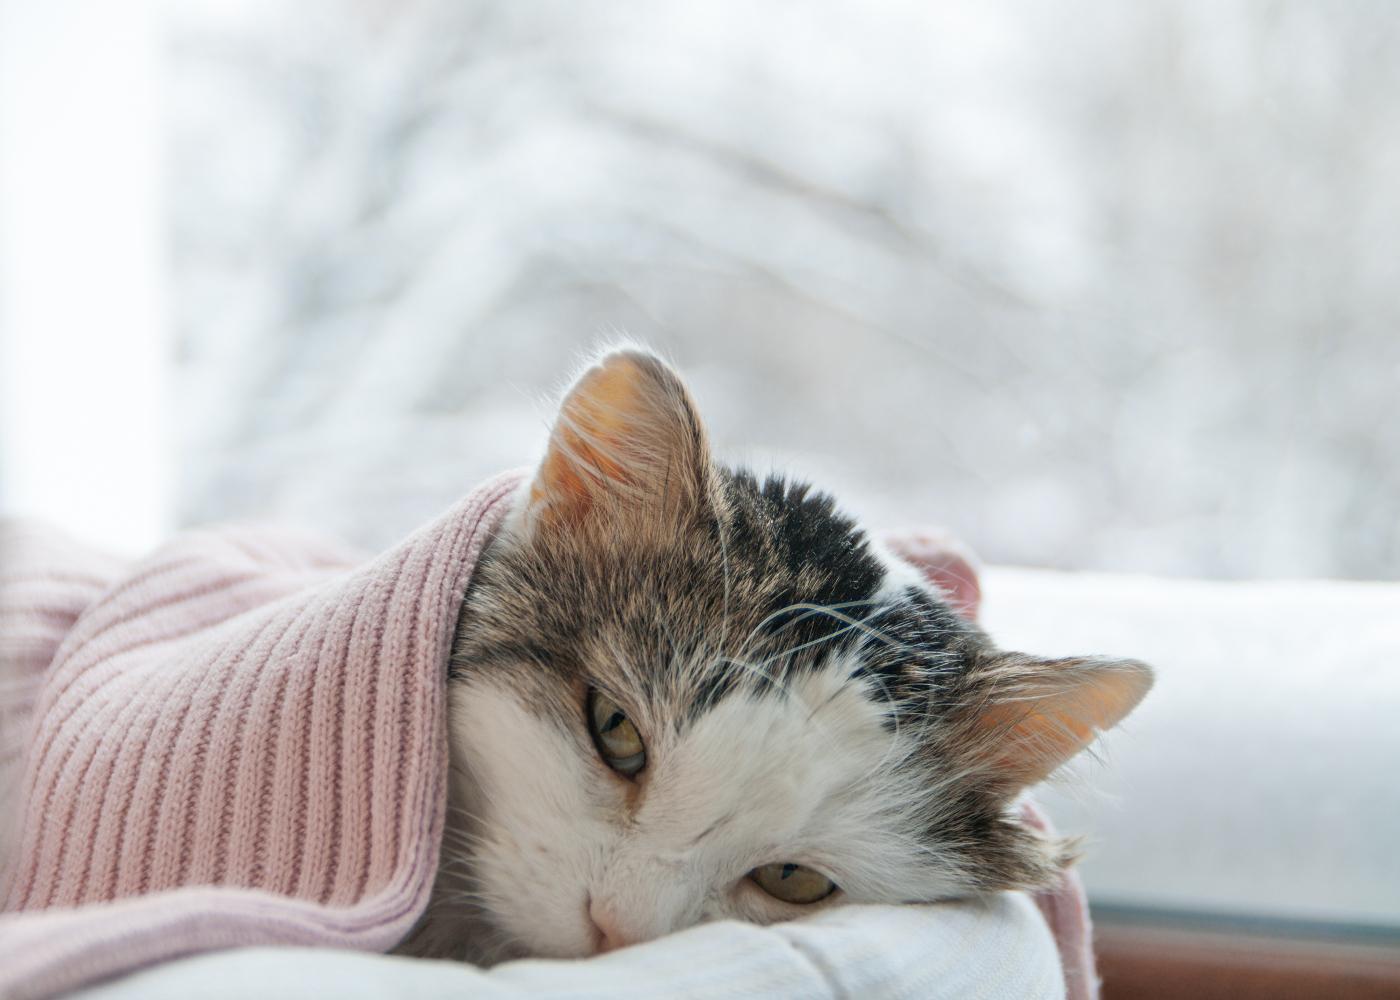 Gato deitado na sua caminha com ar adoentado